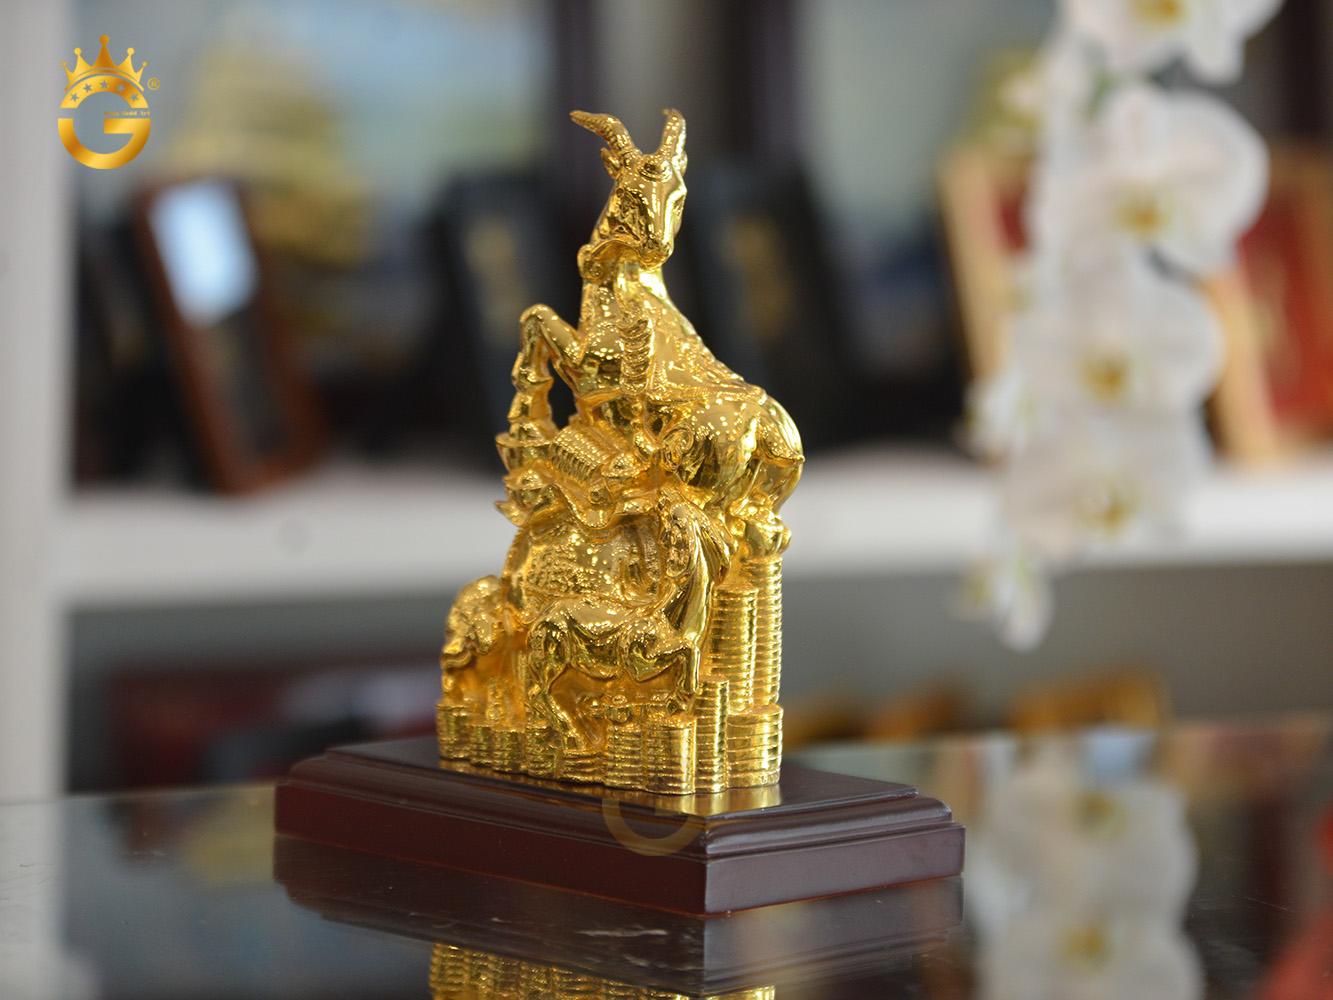 Quà tặng linh vật dê mạ vàng 24k cao cấp0